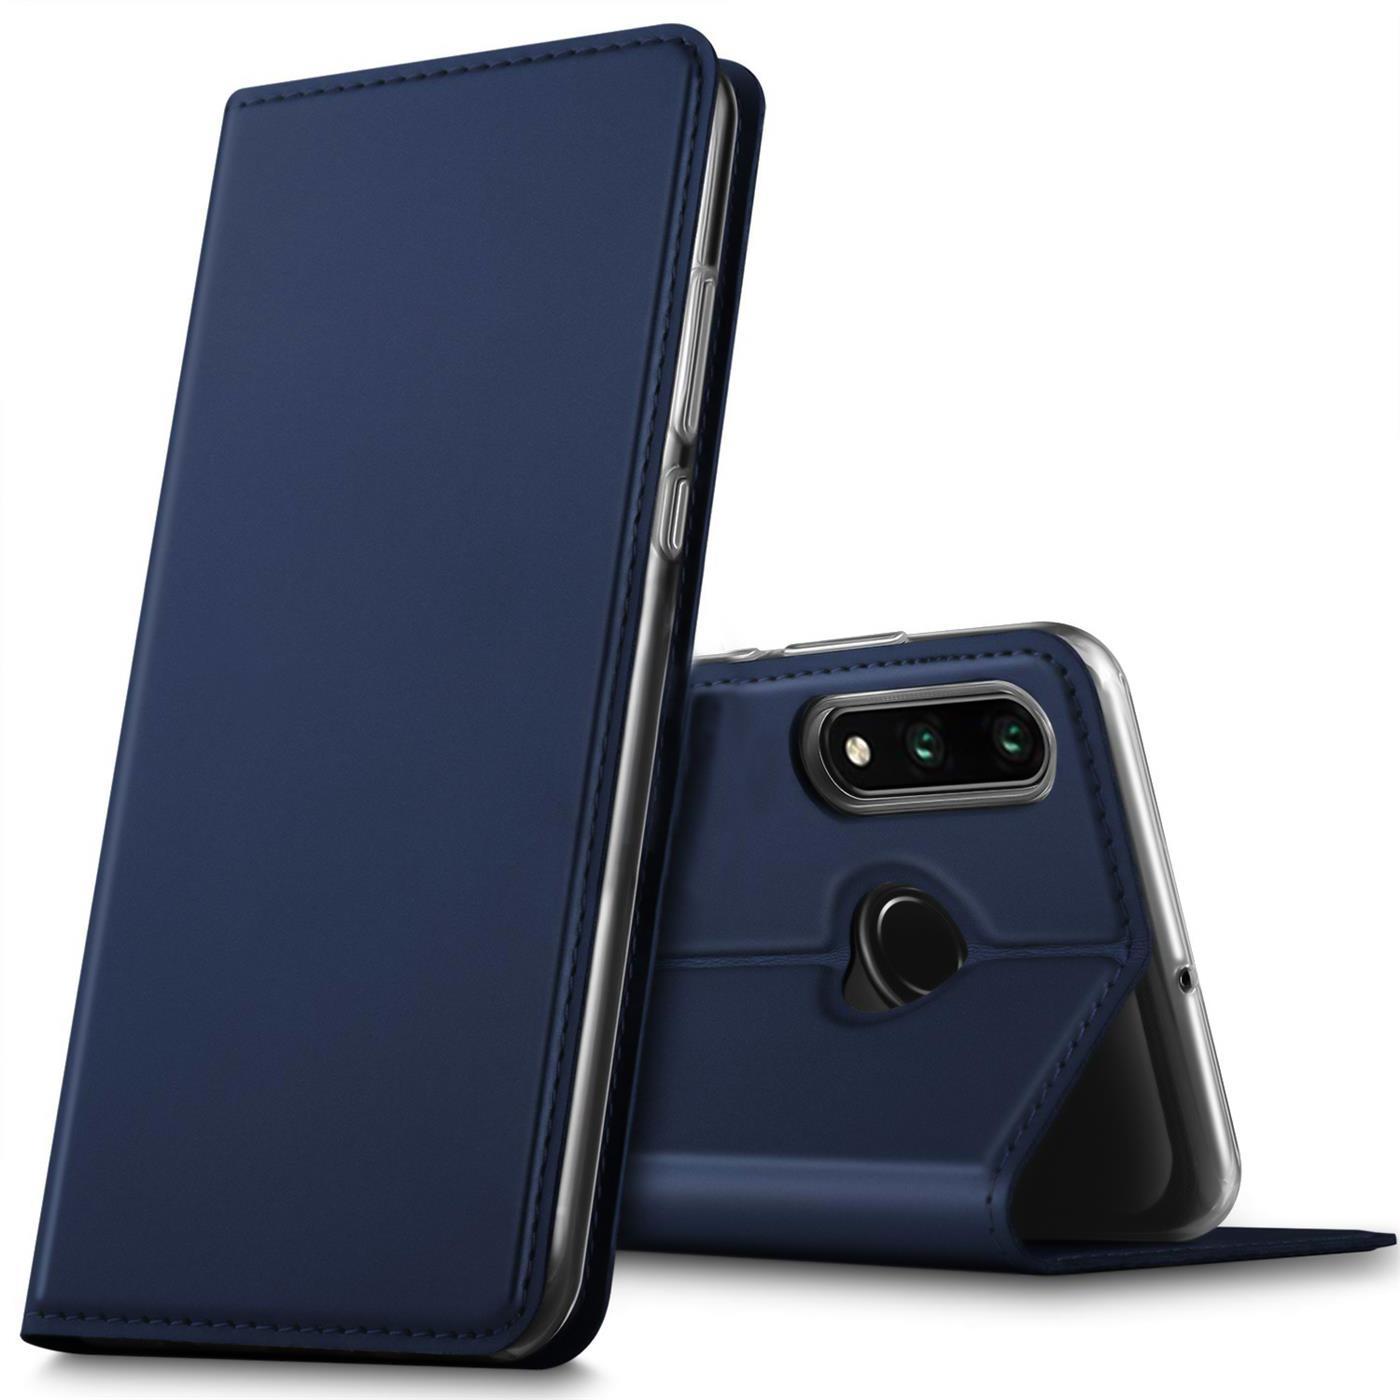 Huawei-P30-Lite-Schutz-Huelle-Handy-Tasche-Flip-Case-Book-Cover-Case-Etui-Bumper Indexbild 12